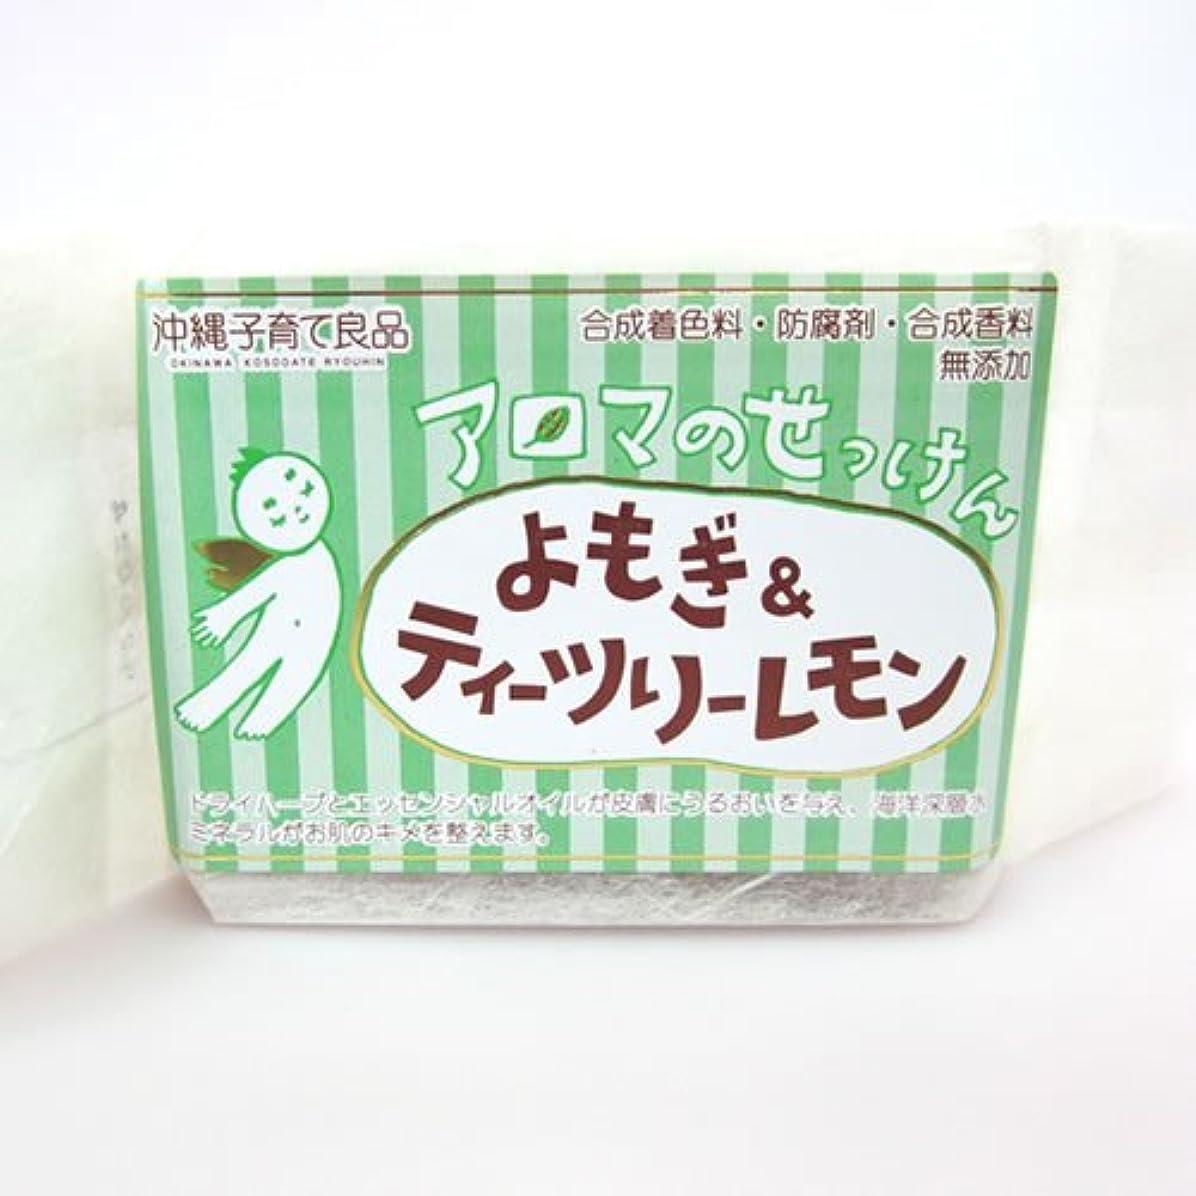 洗剤質素なラインナップ沖縄子育て良品 アロマのせっけん よもぎ (100g)